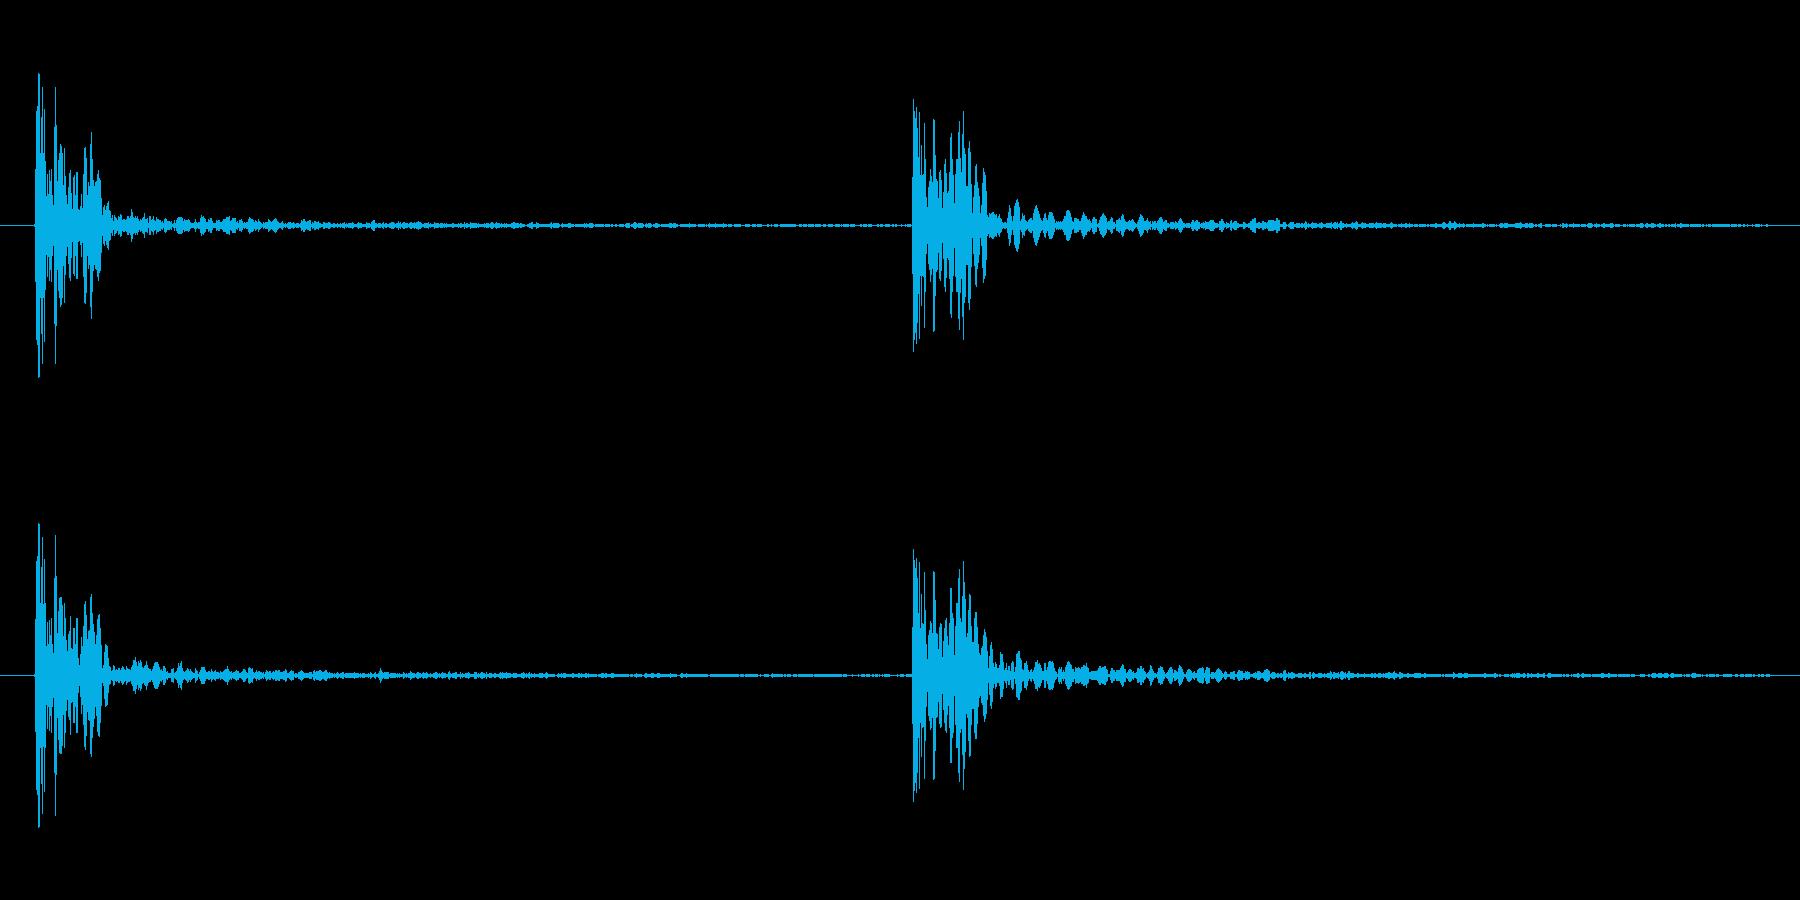 足音の効果音 重い足音 重量感のある足音の再生済みの波形